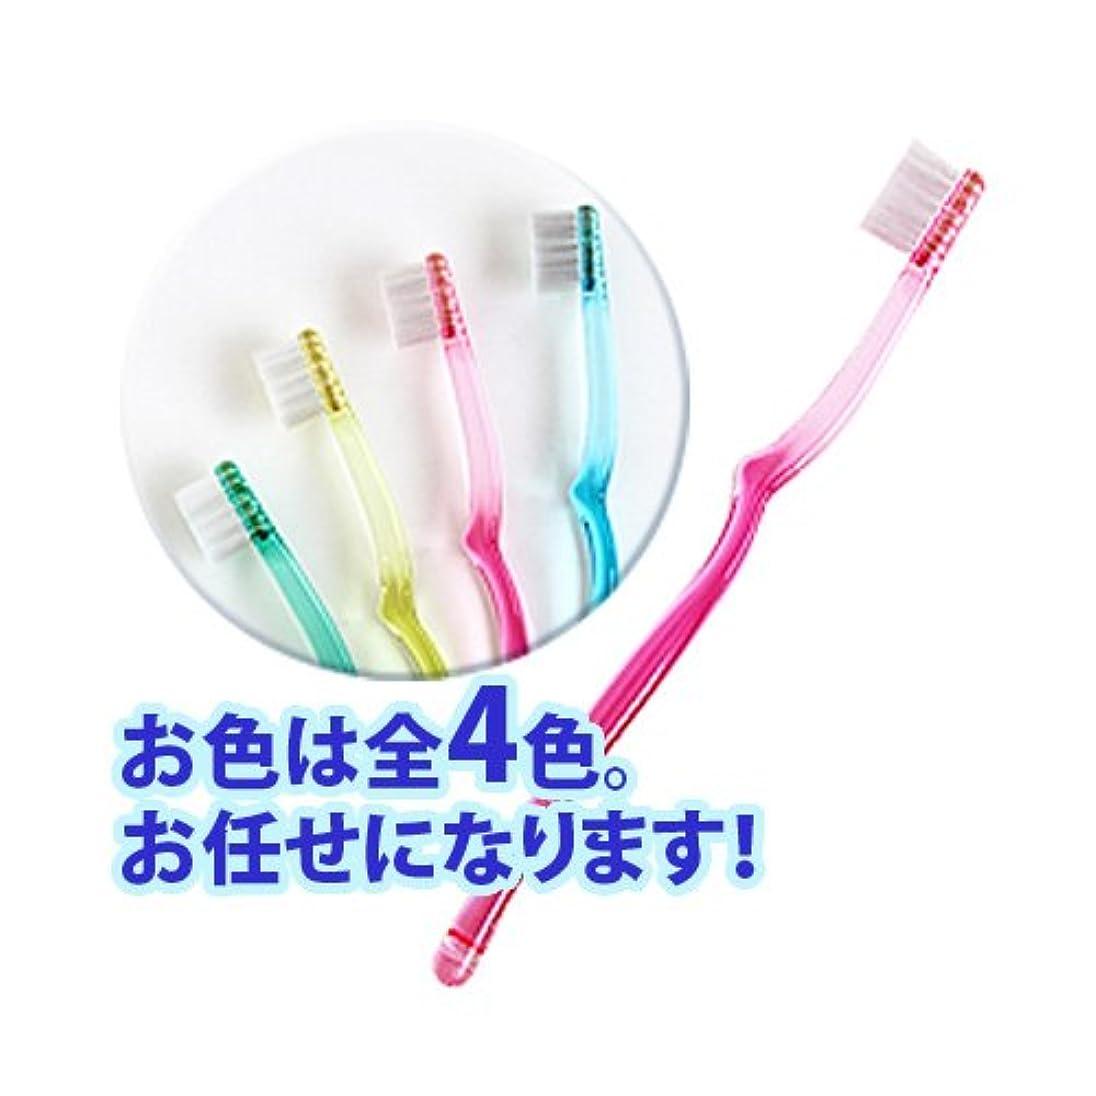 置き場極めて重要な有利プレツヤ パーフェクト (歯ブラシ) 《 1本入 》